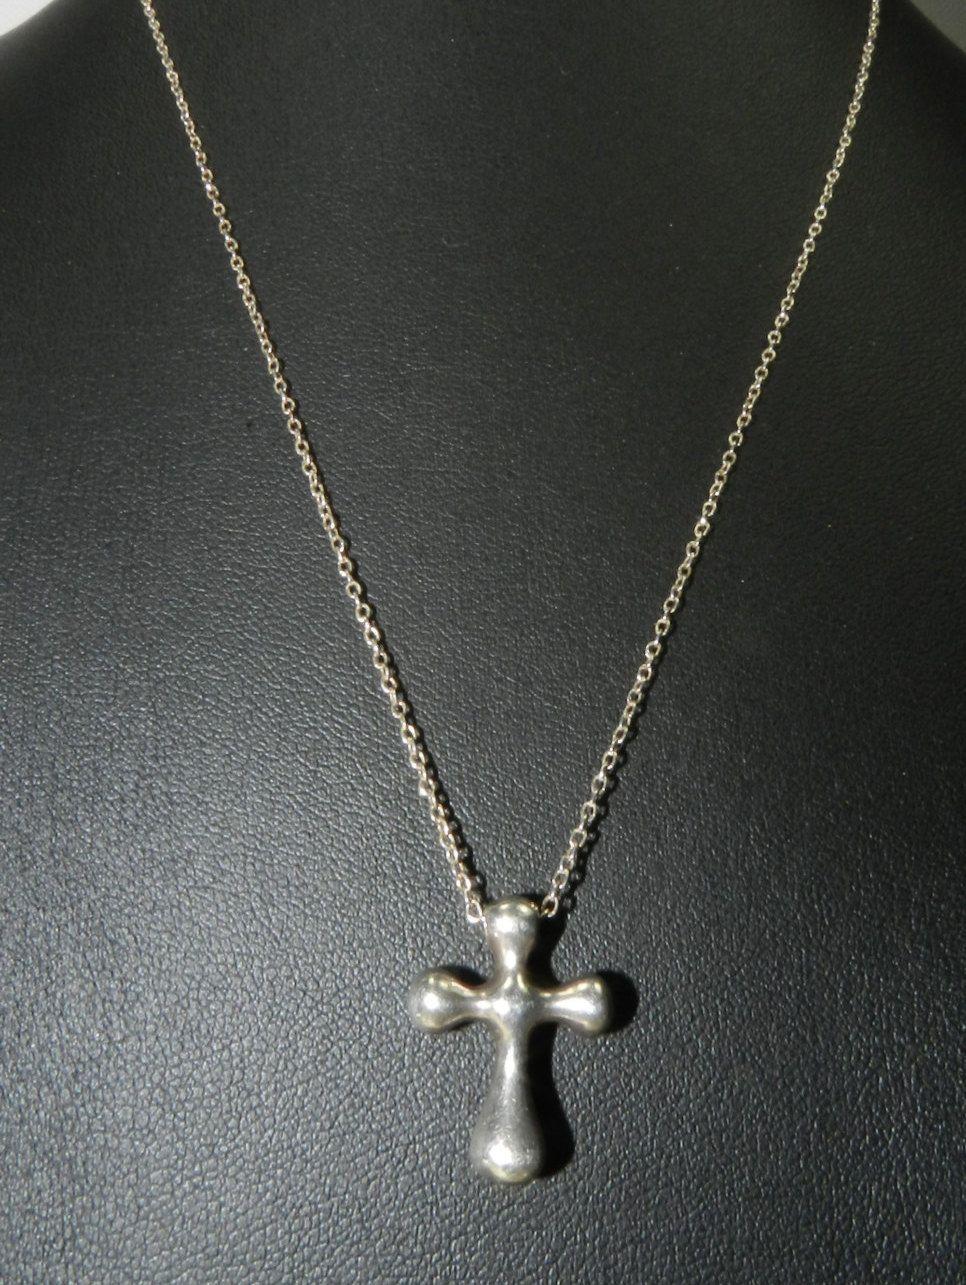 f4f139ff76d18 Authentic TIFFANY & CO Sterling Silver Elsa Peretti Cross Pendant ...